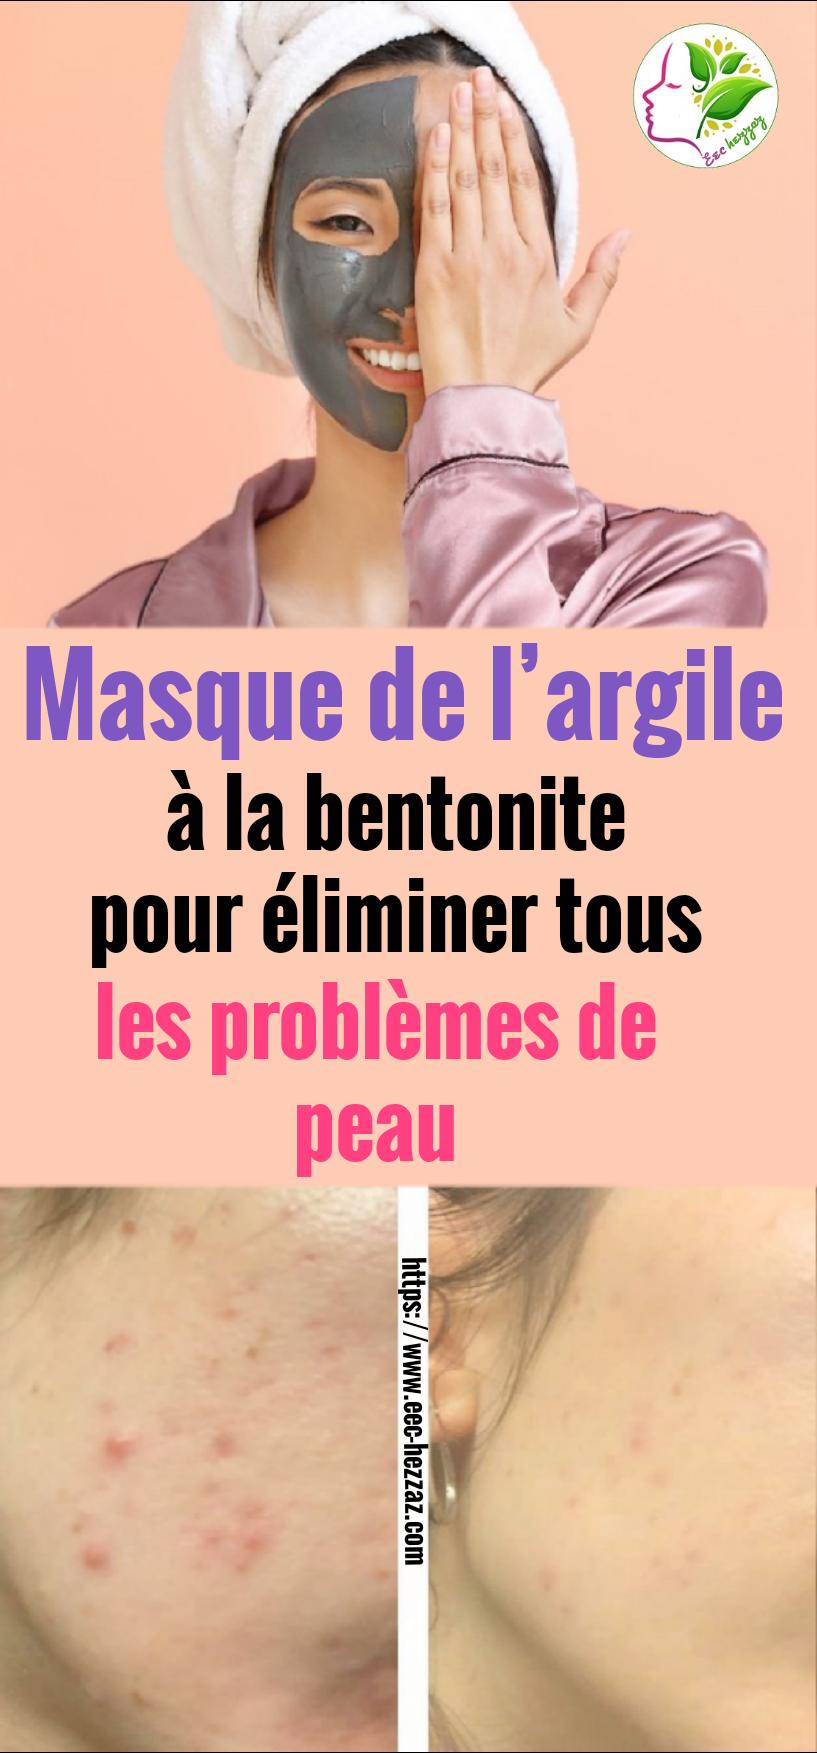 Masque de l'argile à la bentonite pour éliminer tous les problèmes de peau